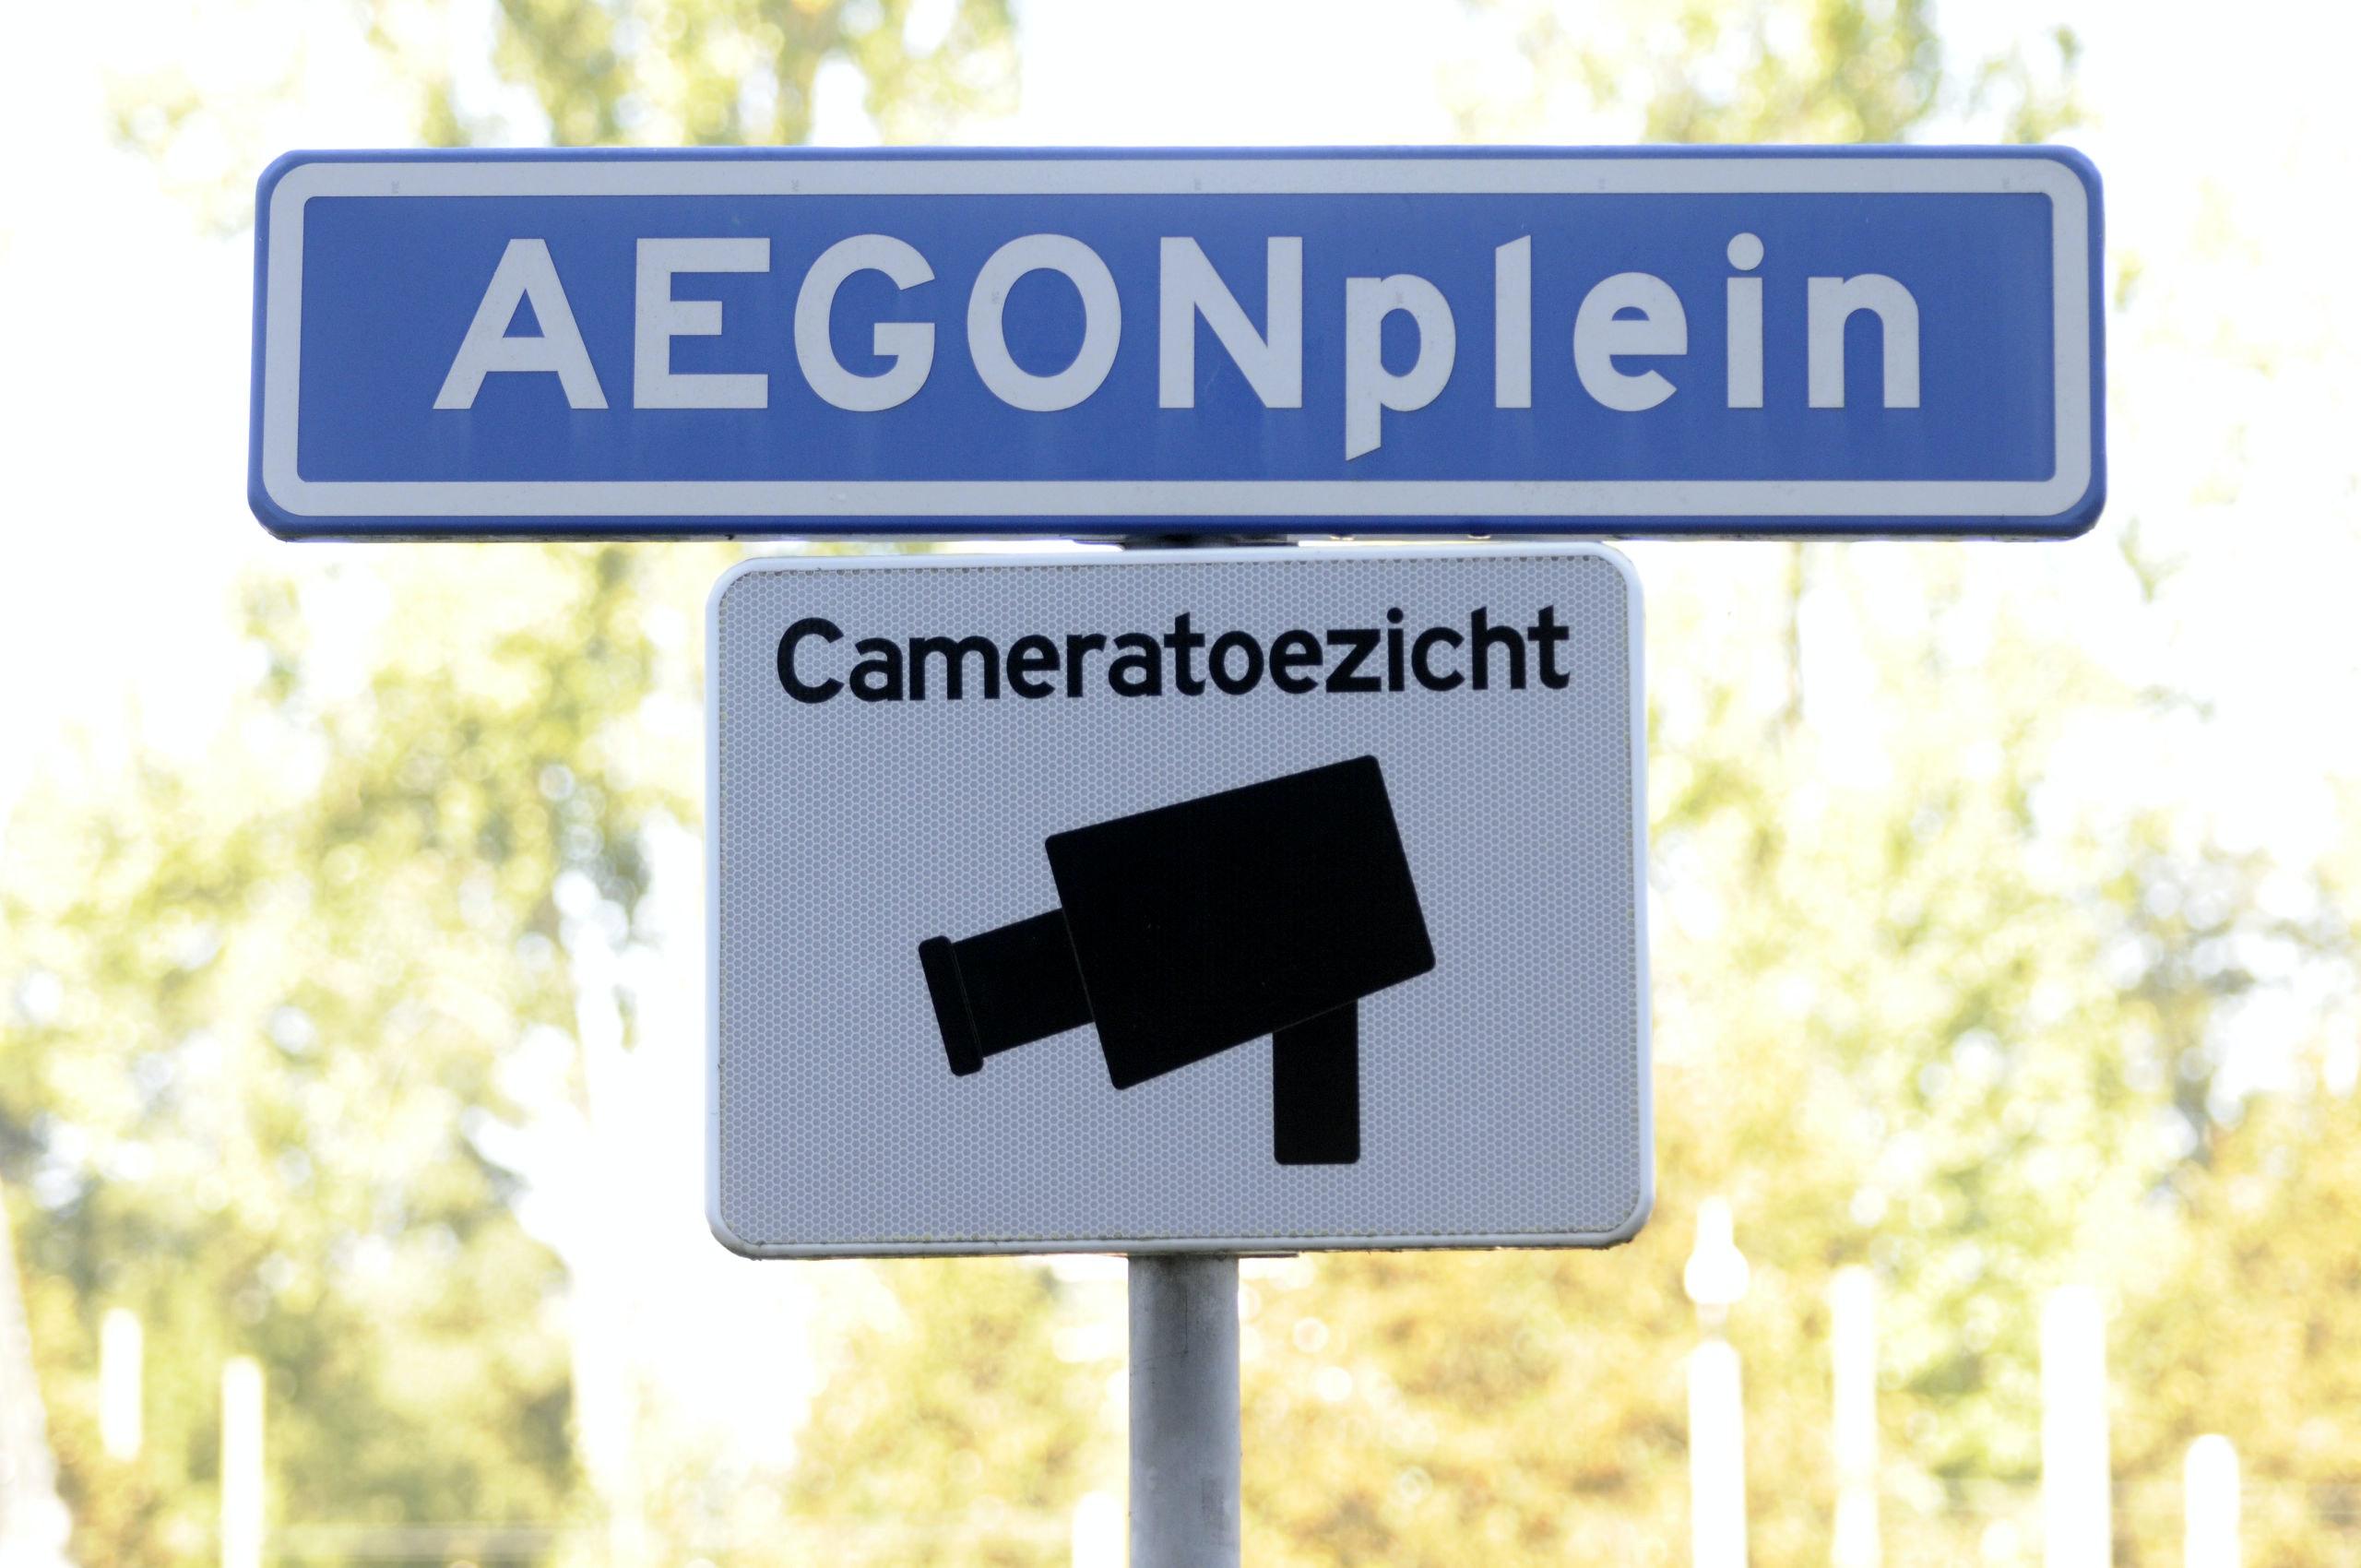 Nederland, Den Haag, 29 september 2011,  Aegonplein voor het hoofdkantoor `/ cameratoezicht  toezicht op  Aegon Hoofdkantoor,   Aegon kondigt aan dat er in Nederland 300 medewerkers worden ontslagen. Aegon schrapt honderden banen, Dat is ongeveer vijf procent van het totale personeelsbestand / Aegon reorganiseert om beter te kunnen inspelen op de veranderende marktomstandigheden. Aegon Hoofdkantoor in Den Haag, Pensioenen, Hypotheken, Verzekeren & Sparen / AEGON Bank N.V.  foto; Peter Hilz